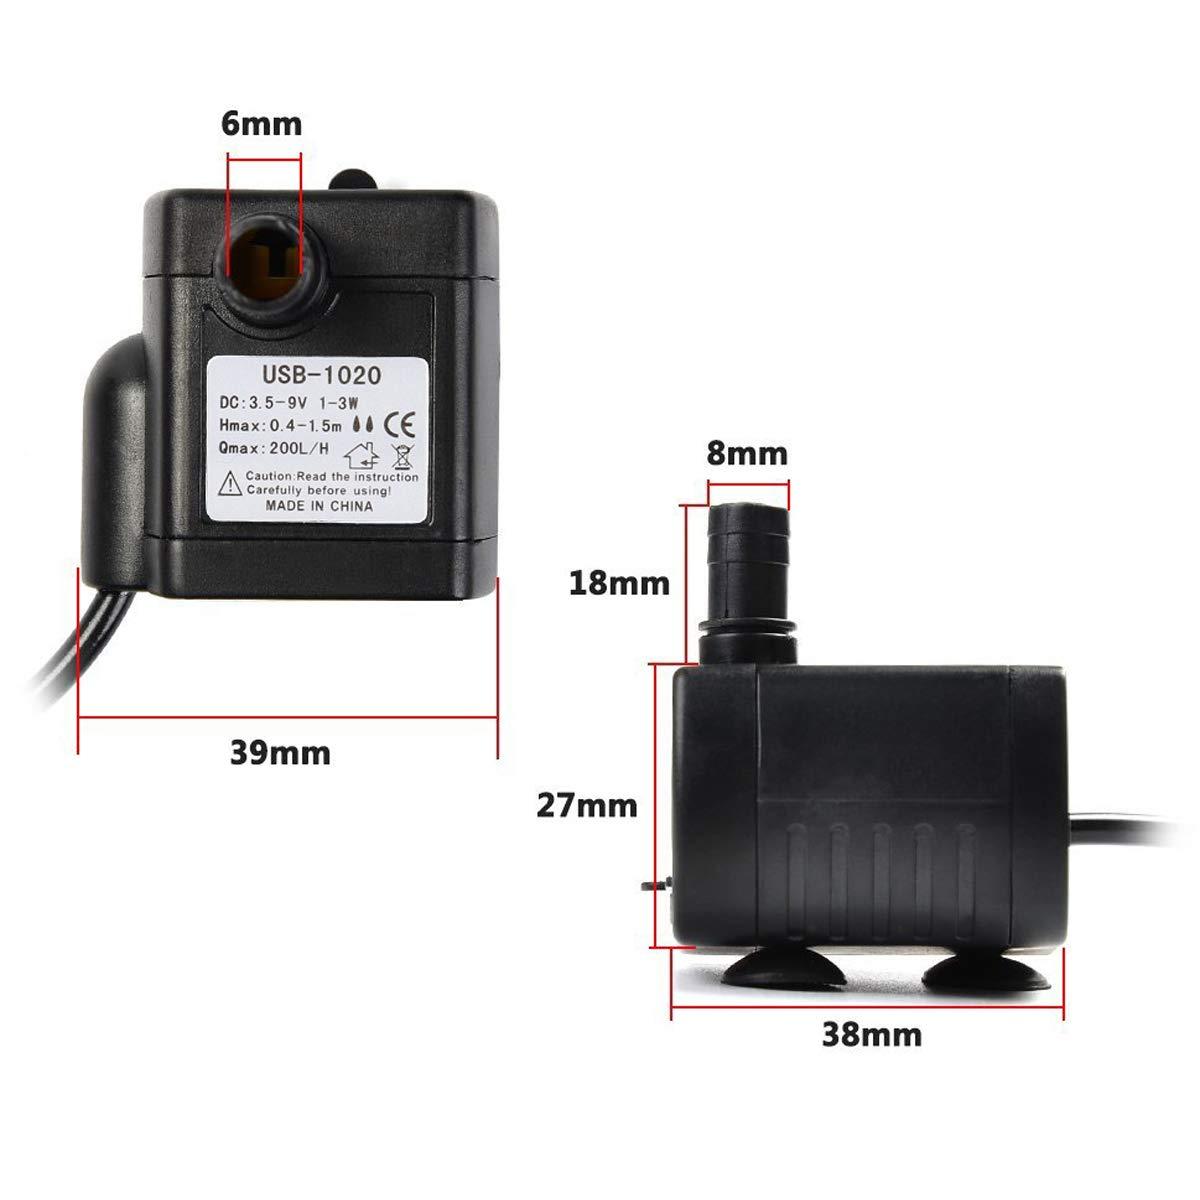 pompe /à eau submersible DC3.5-9V MRCARTOOL 200L//H 3W Mini pompe /à eau ultra-silencieuse de fontaine pour laquarium fontaine /étang r/éservoir deau Statuaire pompe /à eau hydroponique